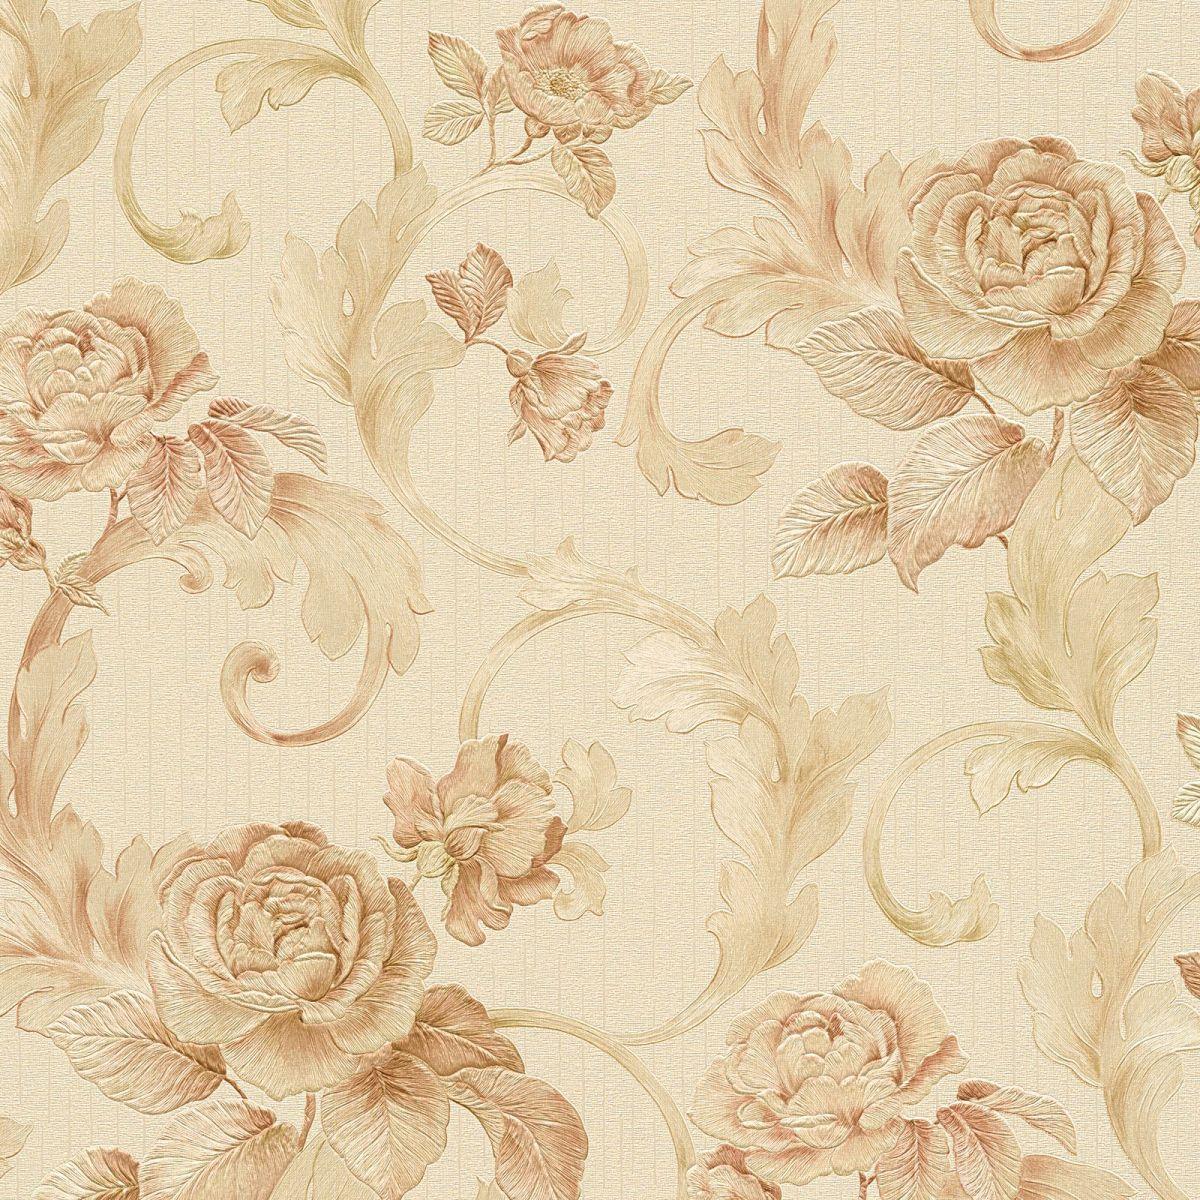 barock tapete nobile 95983 3 blumentapete decowunder. Black Bedroom Furniture Sets. Home Design Ideas